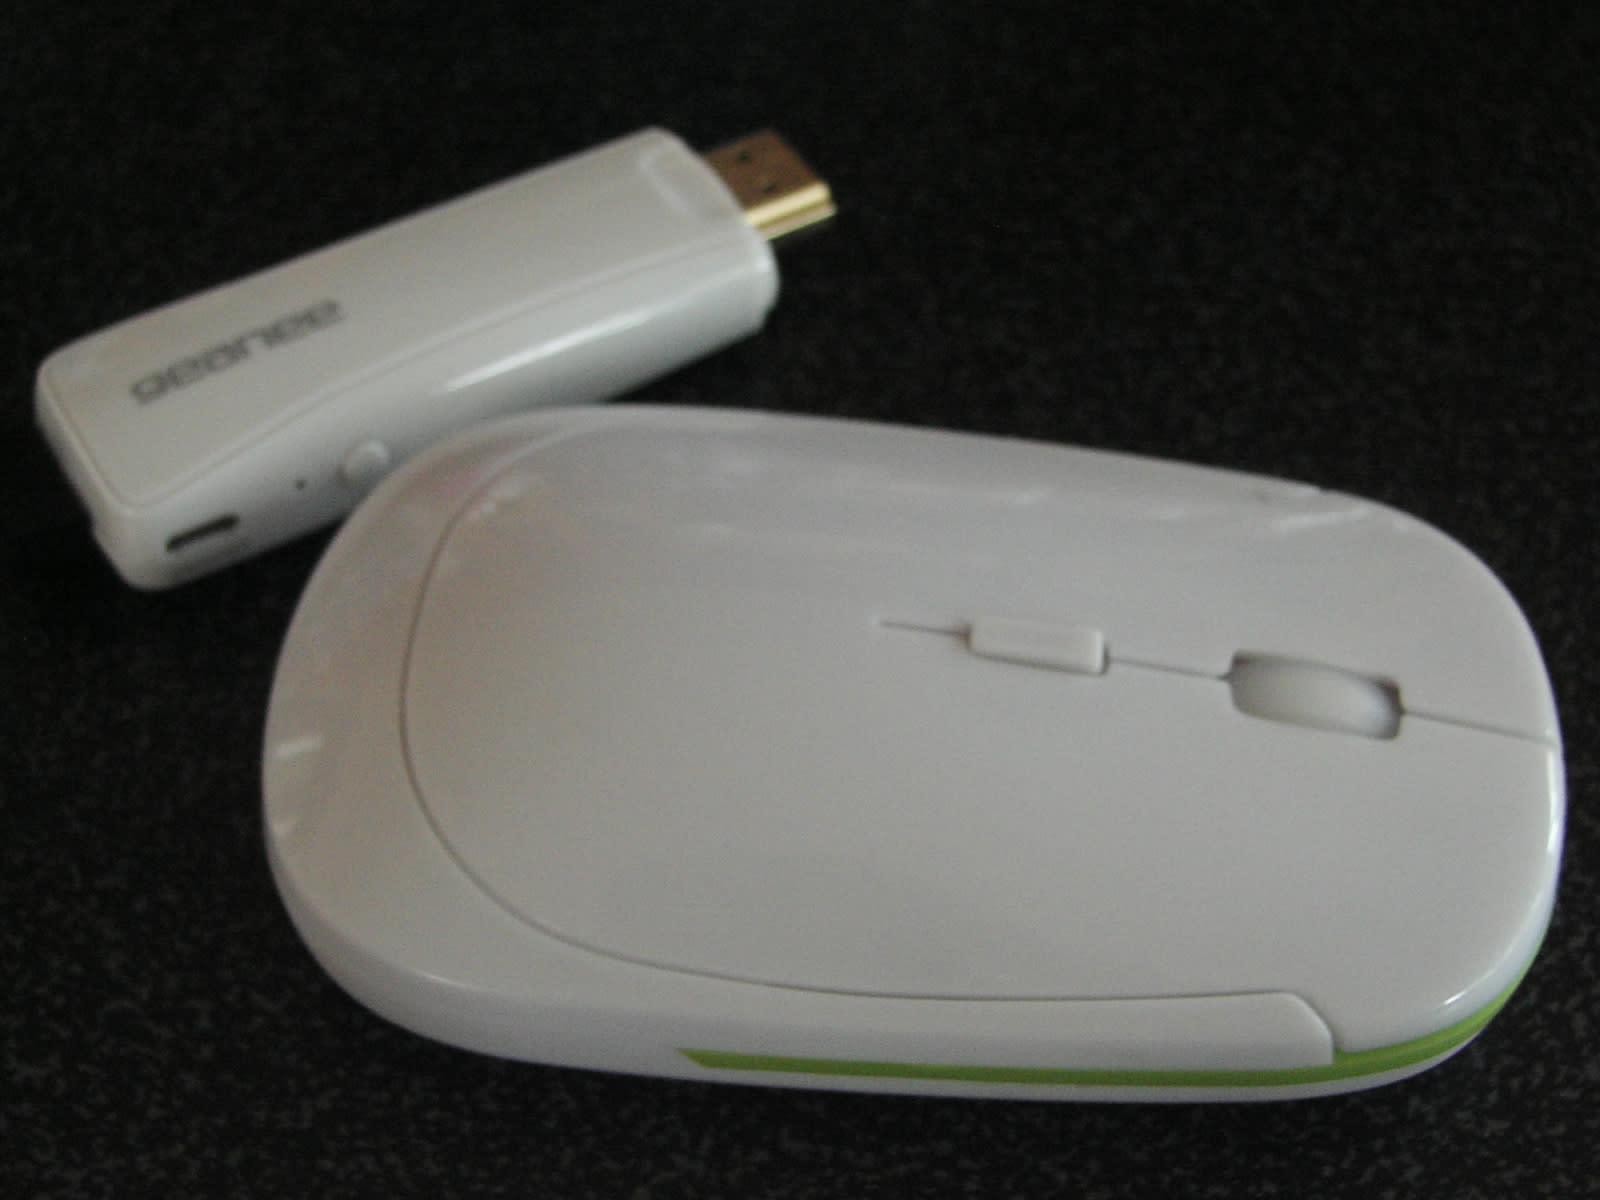 GEANEE ADH-40 HDMIスマートステ...